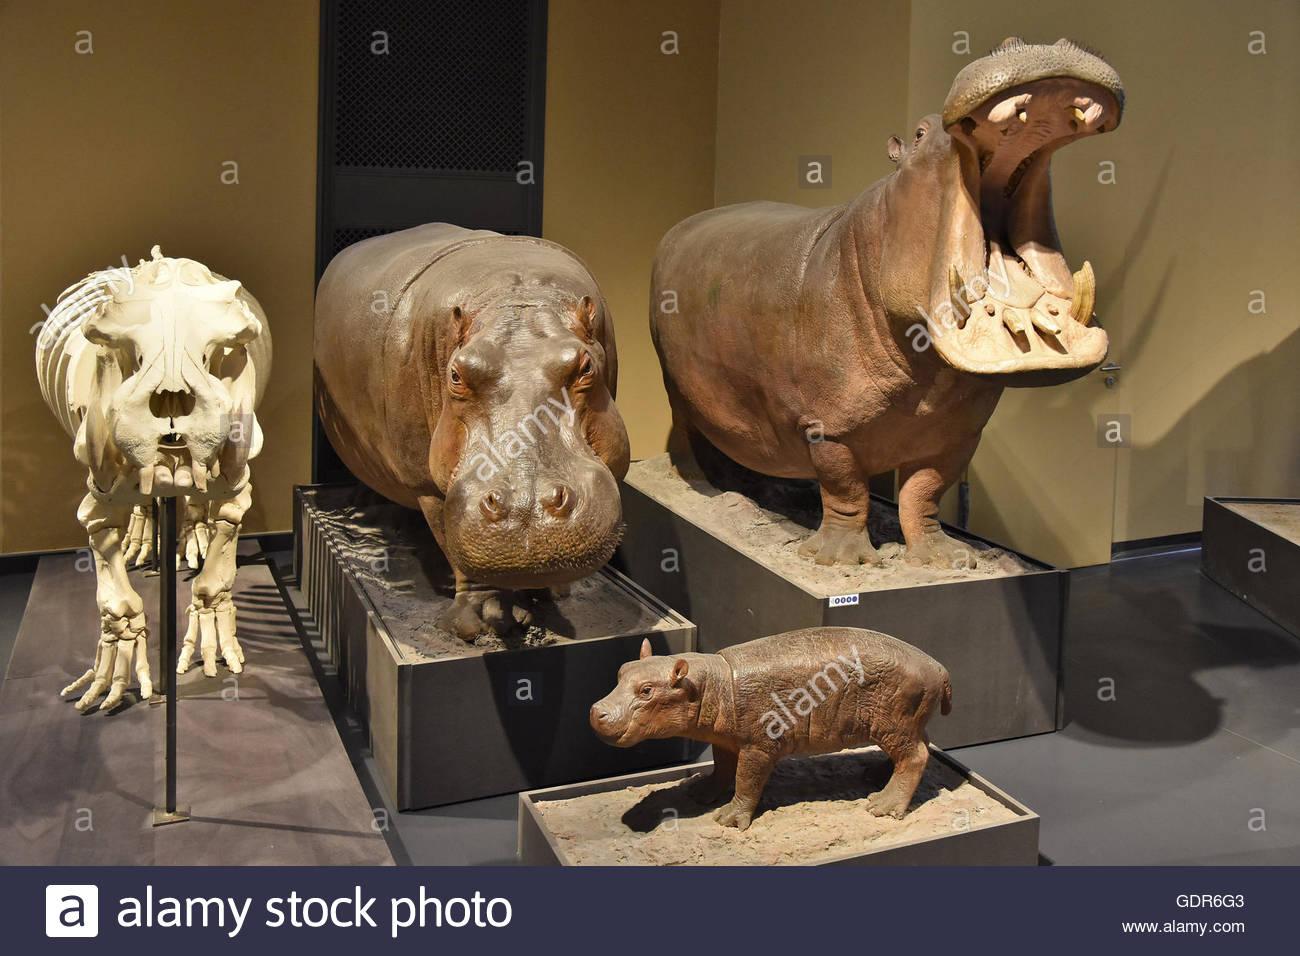 Hipopótamo (Hippopotamus amphibius) modelos de exhibiciones en el Museo de Historia Natural de Europa Alemania Imagen De Stock